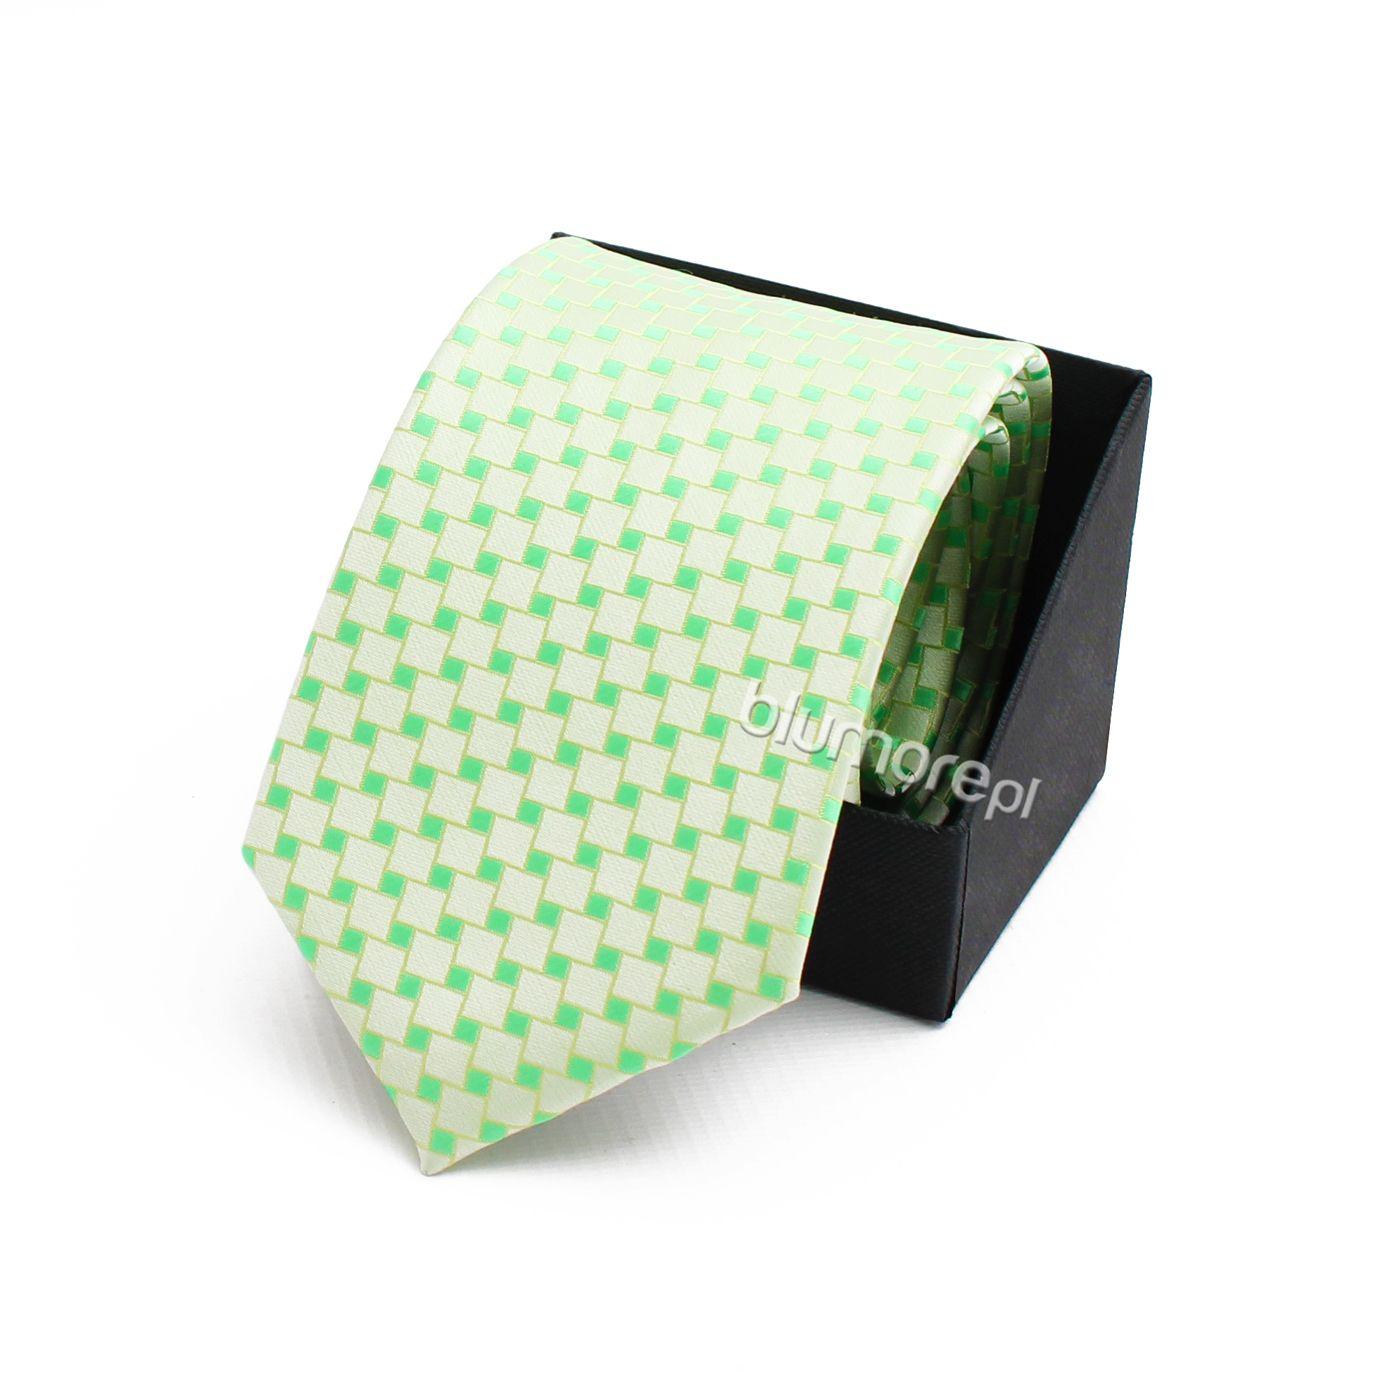 Już dziś kup swojemu synowi kolorowy krawat, który sprawi że jego wizytowa kreacja przestanie być ciemna i smutna! Sprawdź dostępne wzory na Blumore.pl! | Cena: 19,90 zł | Link do sklepu: http://tiny.pl/gx5j9